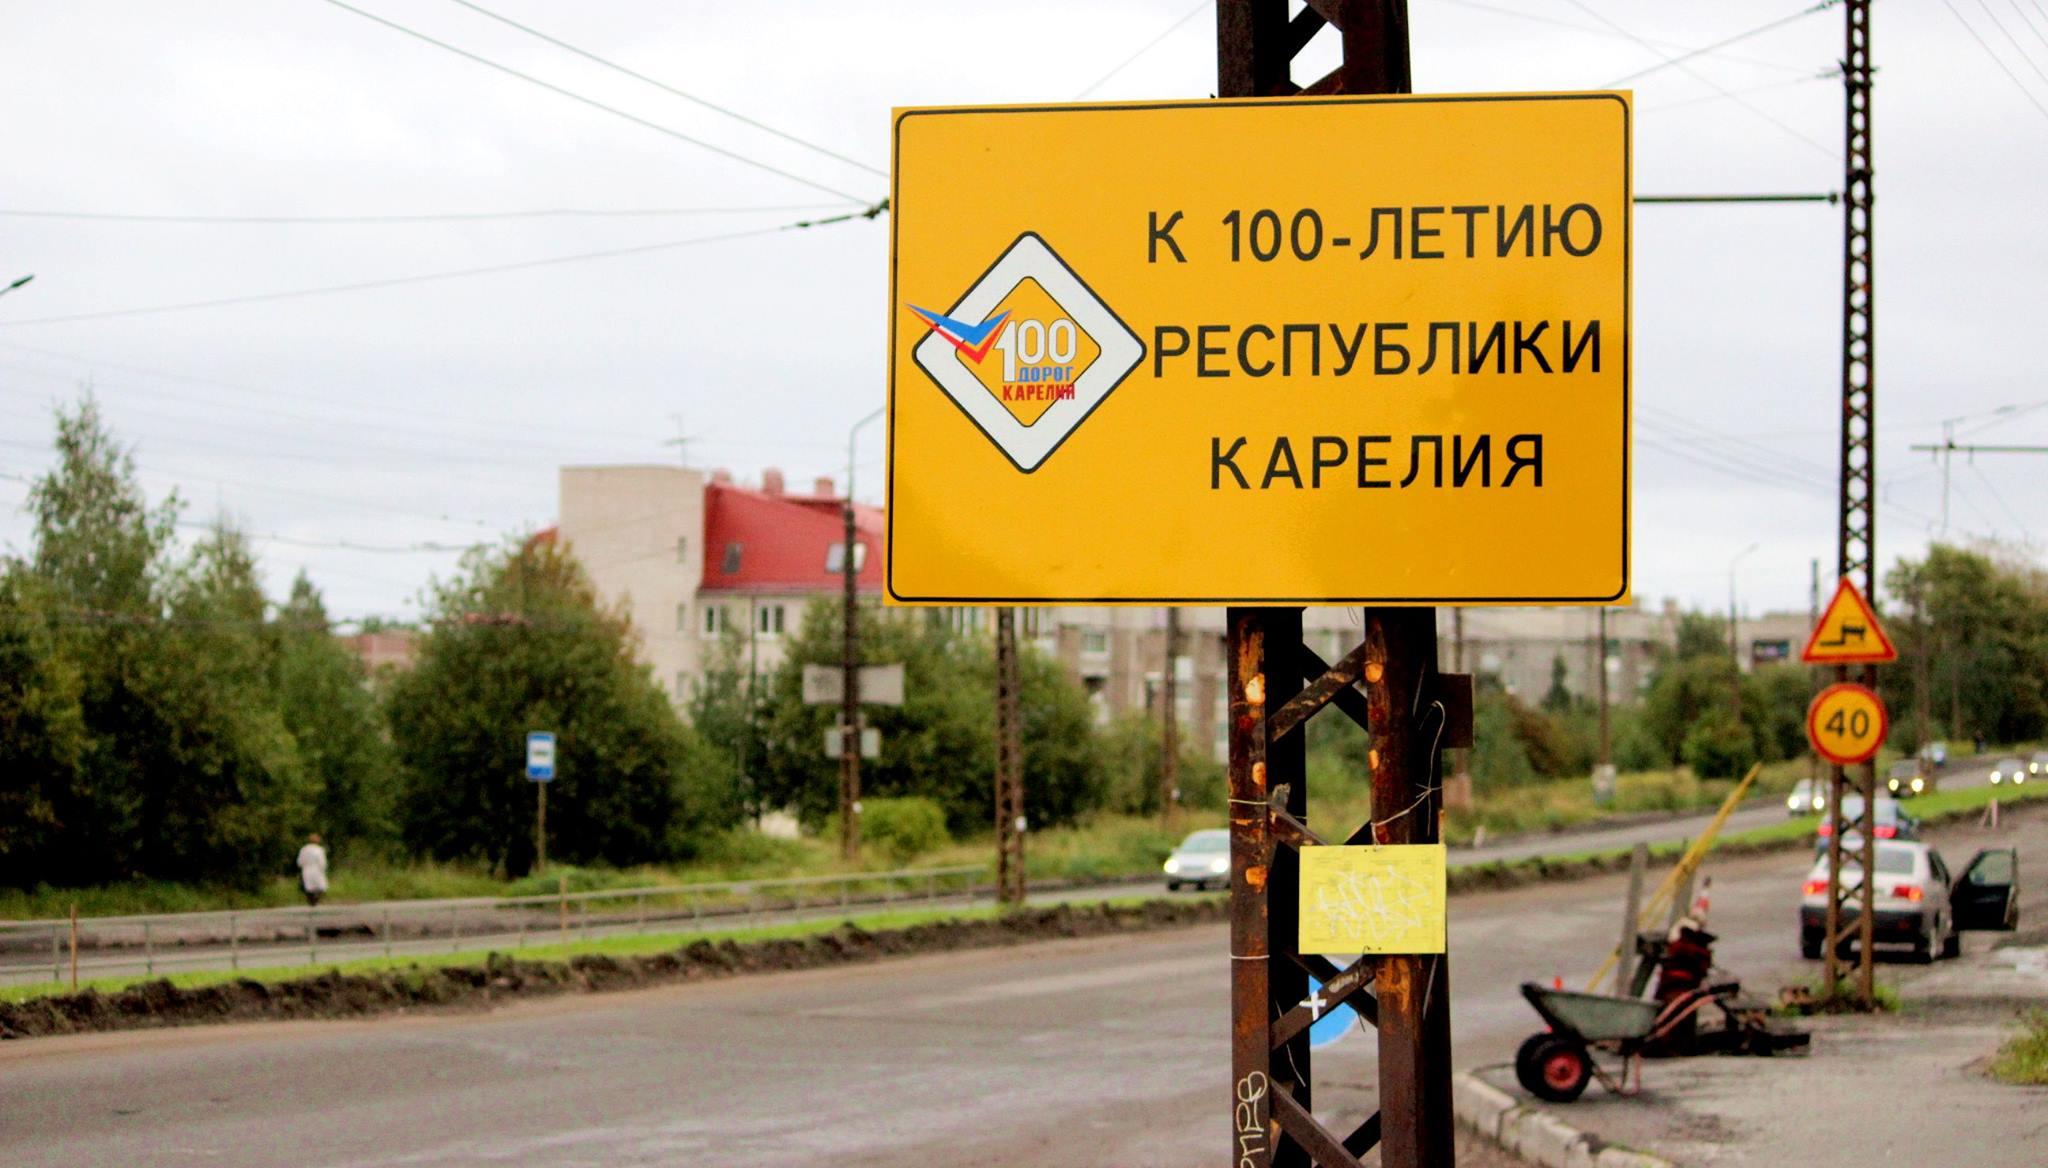 Качество дорожного ремонта в Петрозаводске не выдержало ни погоды, ни критики. Фото: Сергей Мятухин